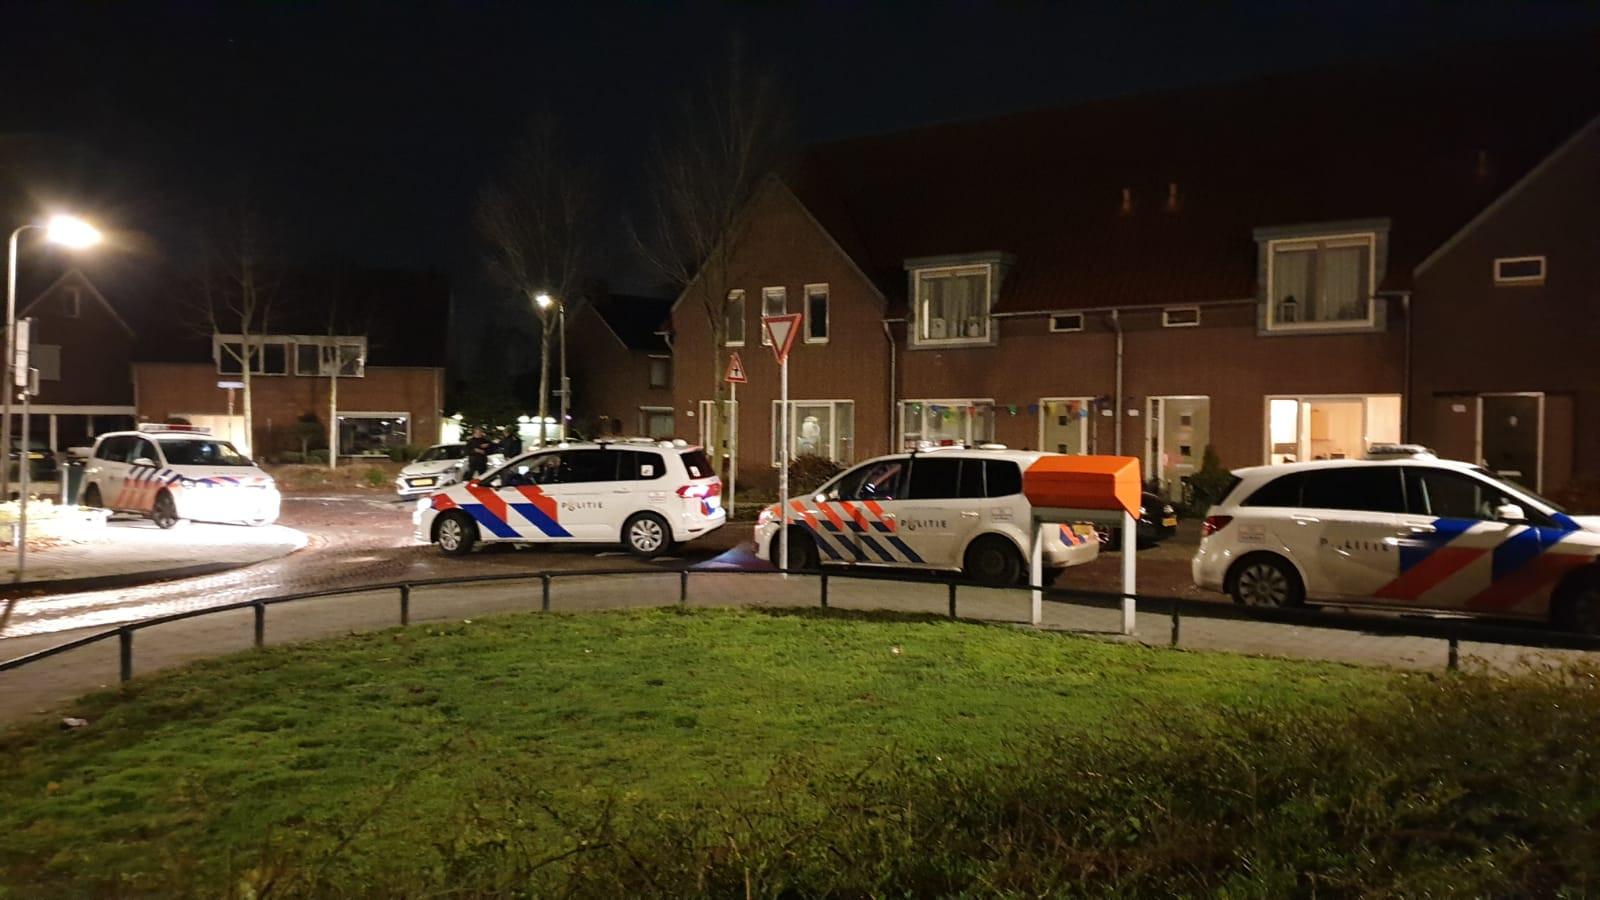 De politie zette in de nacht van vrijdag op zaterdag de omgeving van de Sterkerstraat in Enschede af voor sporenonderzoek.